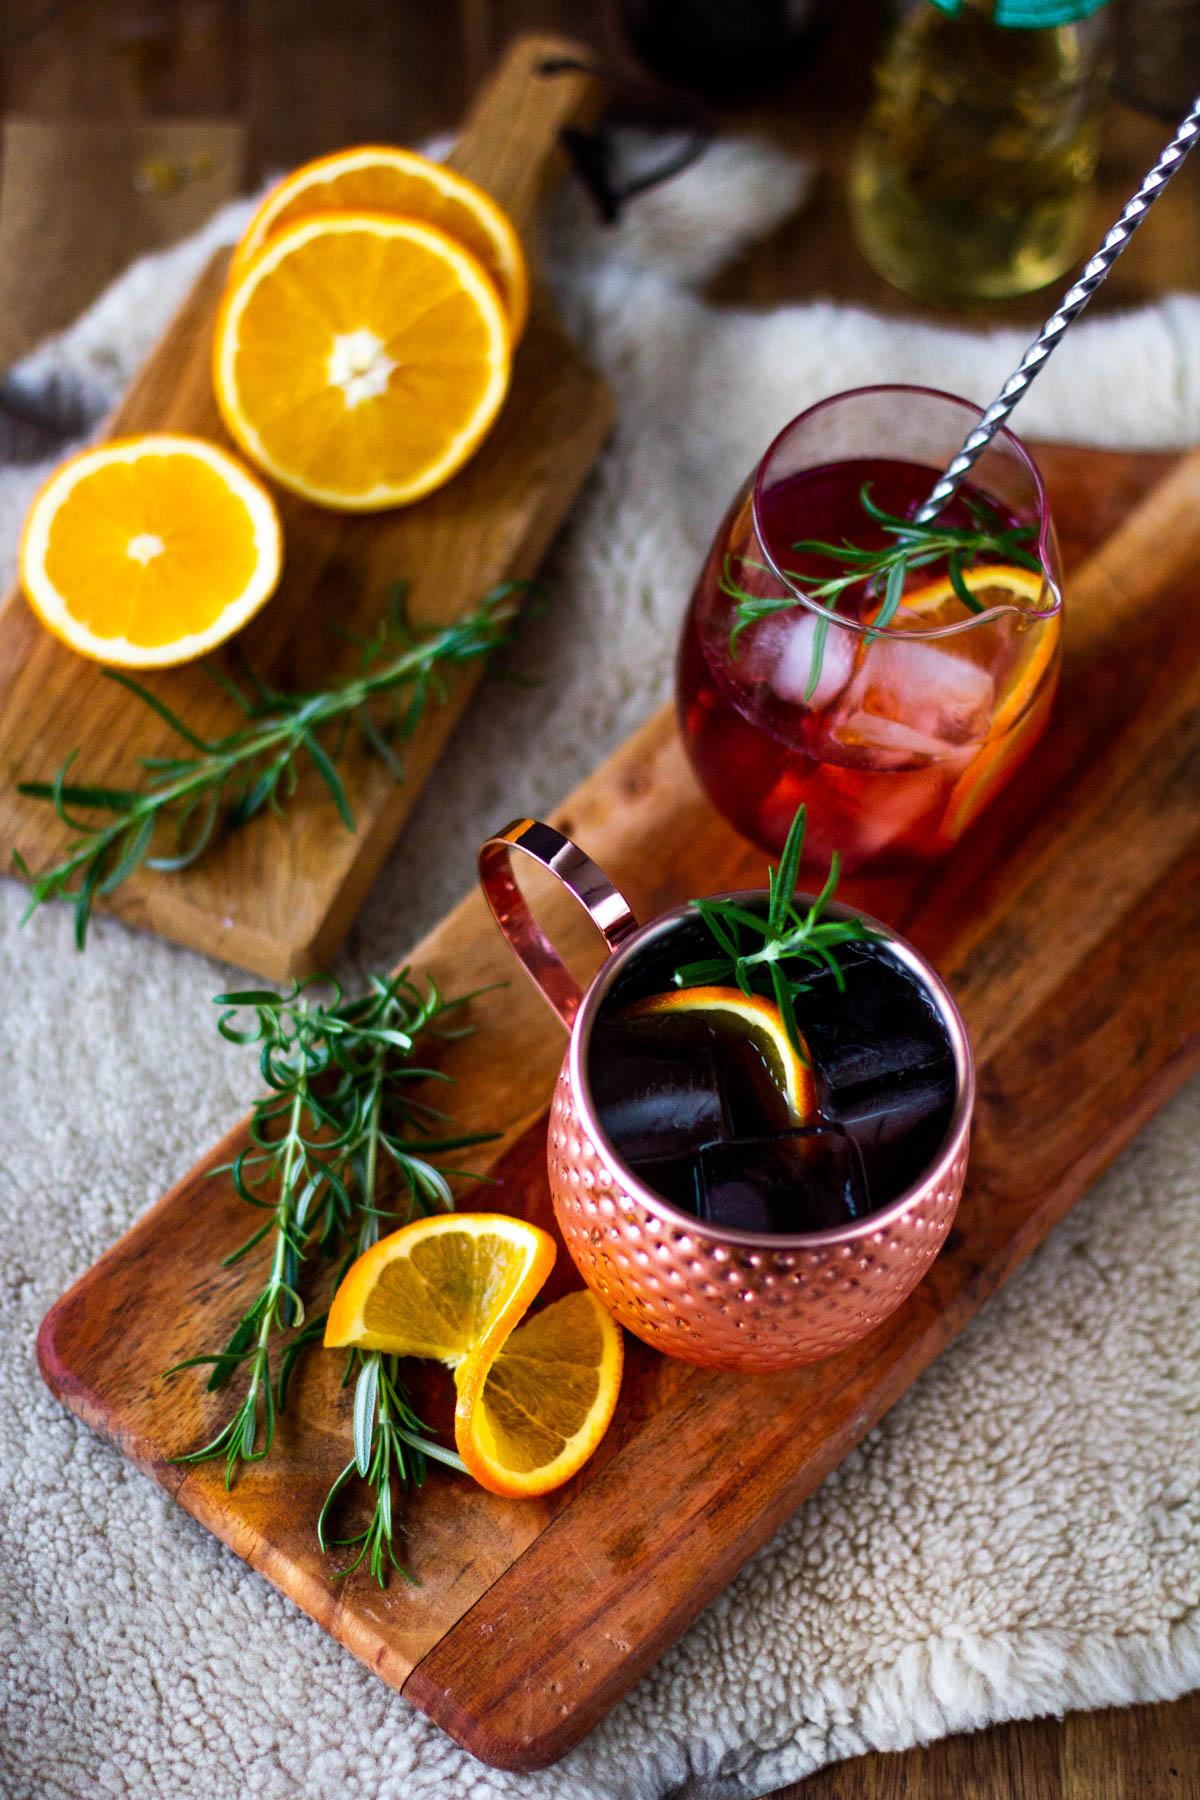 Herkullinen alkoholiton ja jouluinen moscow mule-juoma